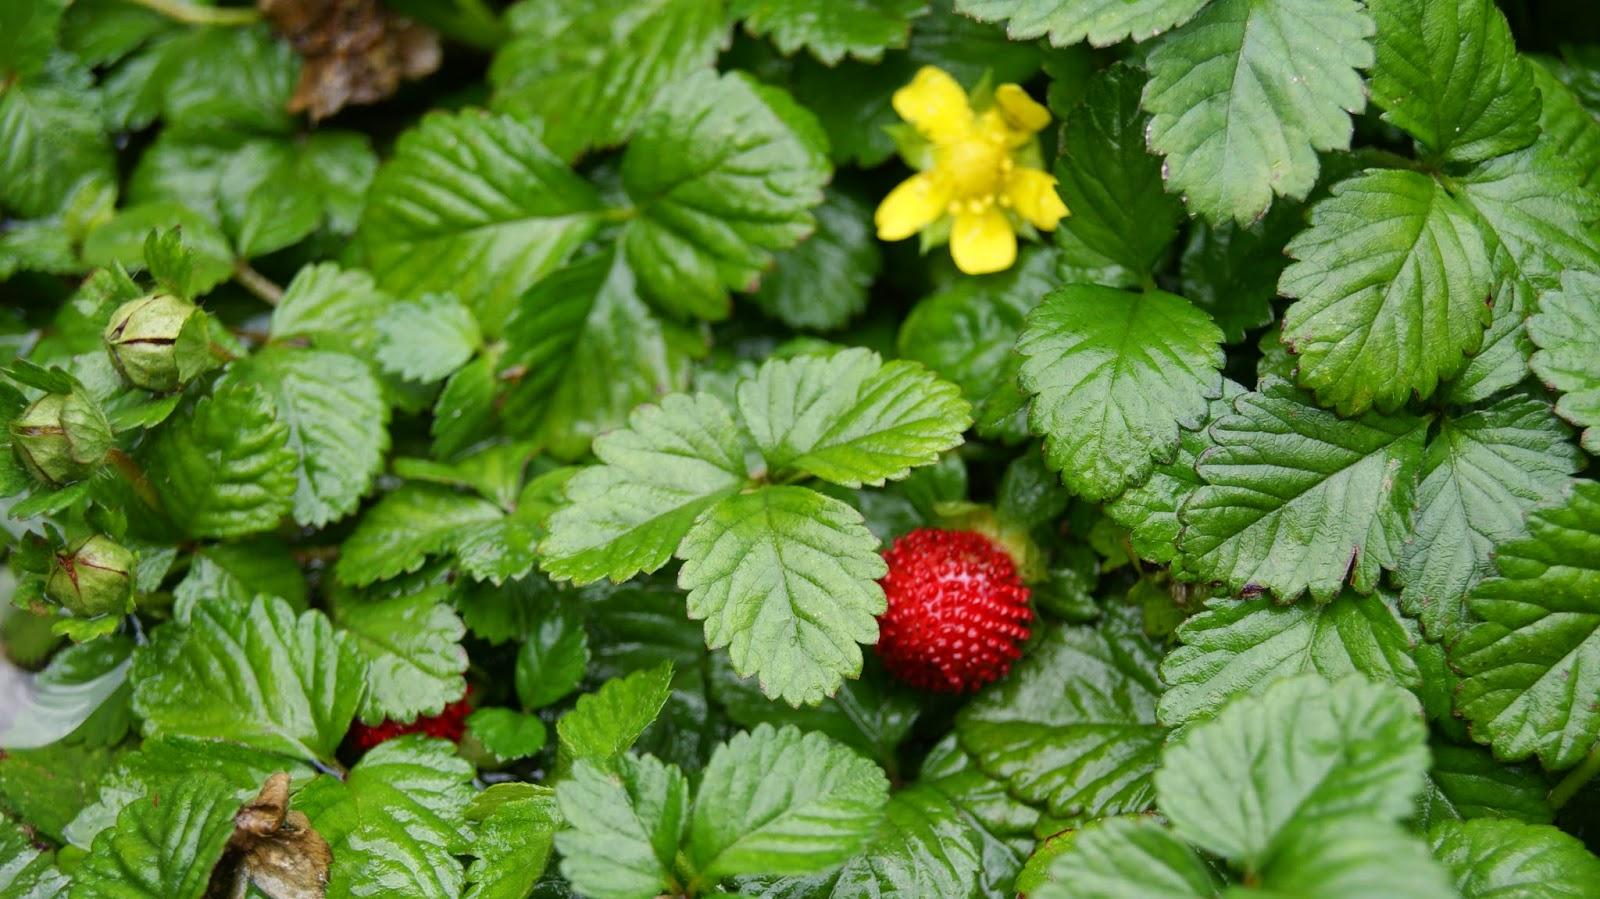 лето, земляника, дождь, хорошая погода, ягоды, цветы, земляника цветет